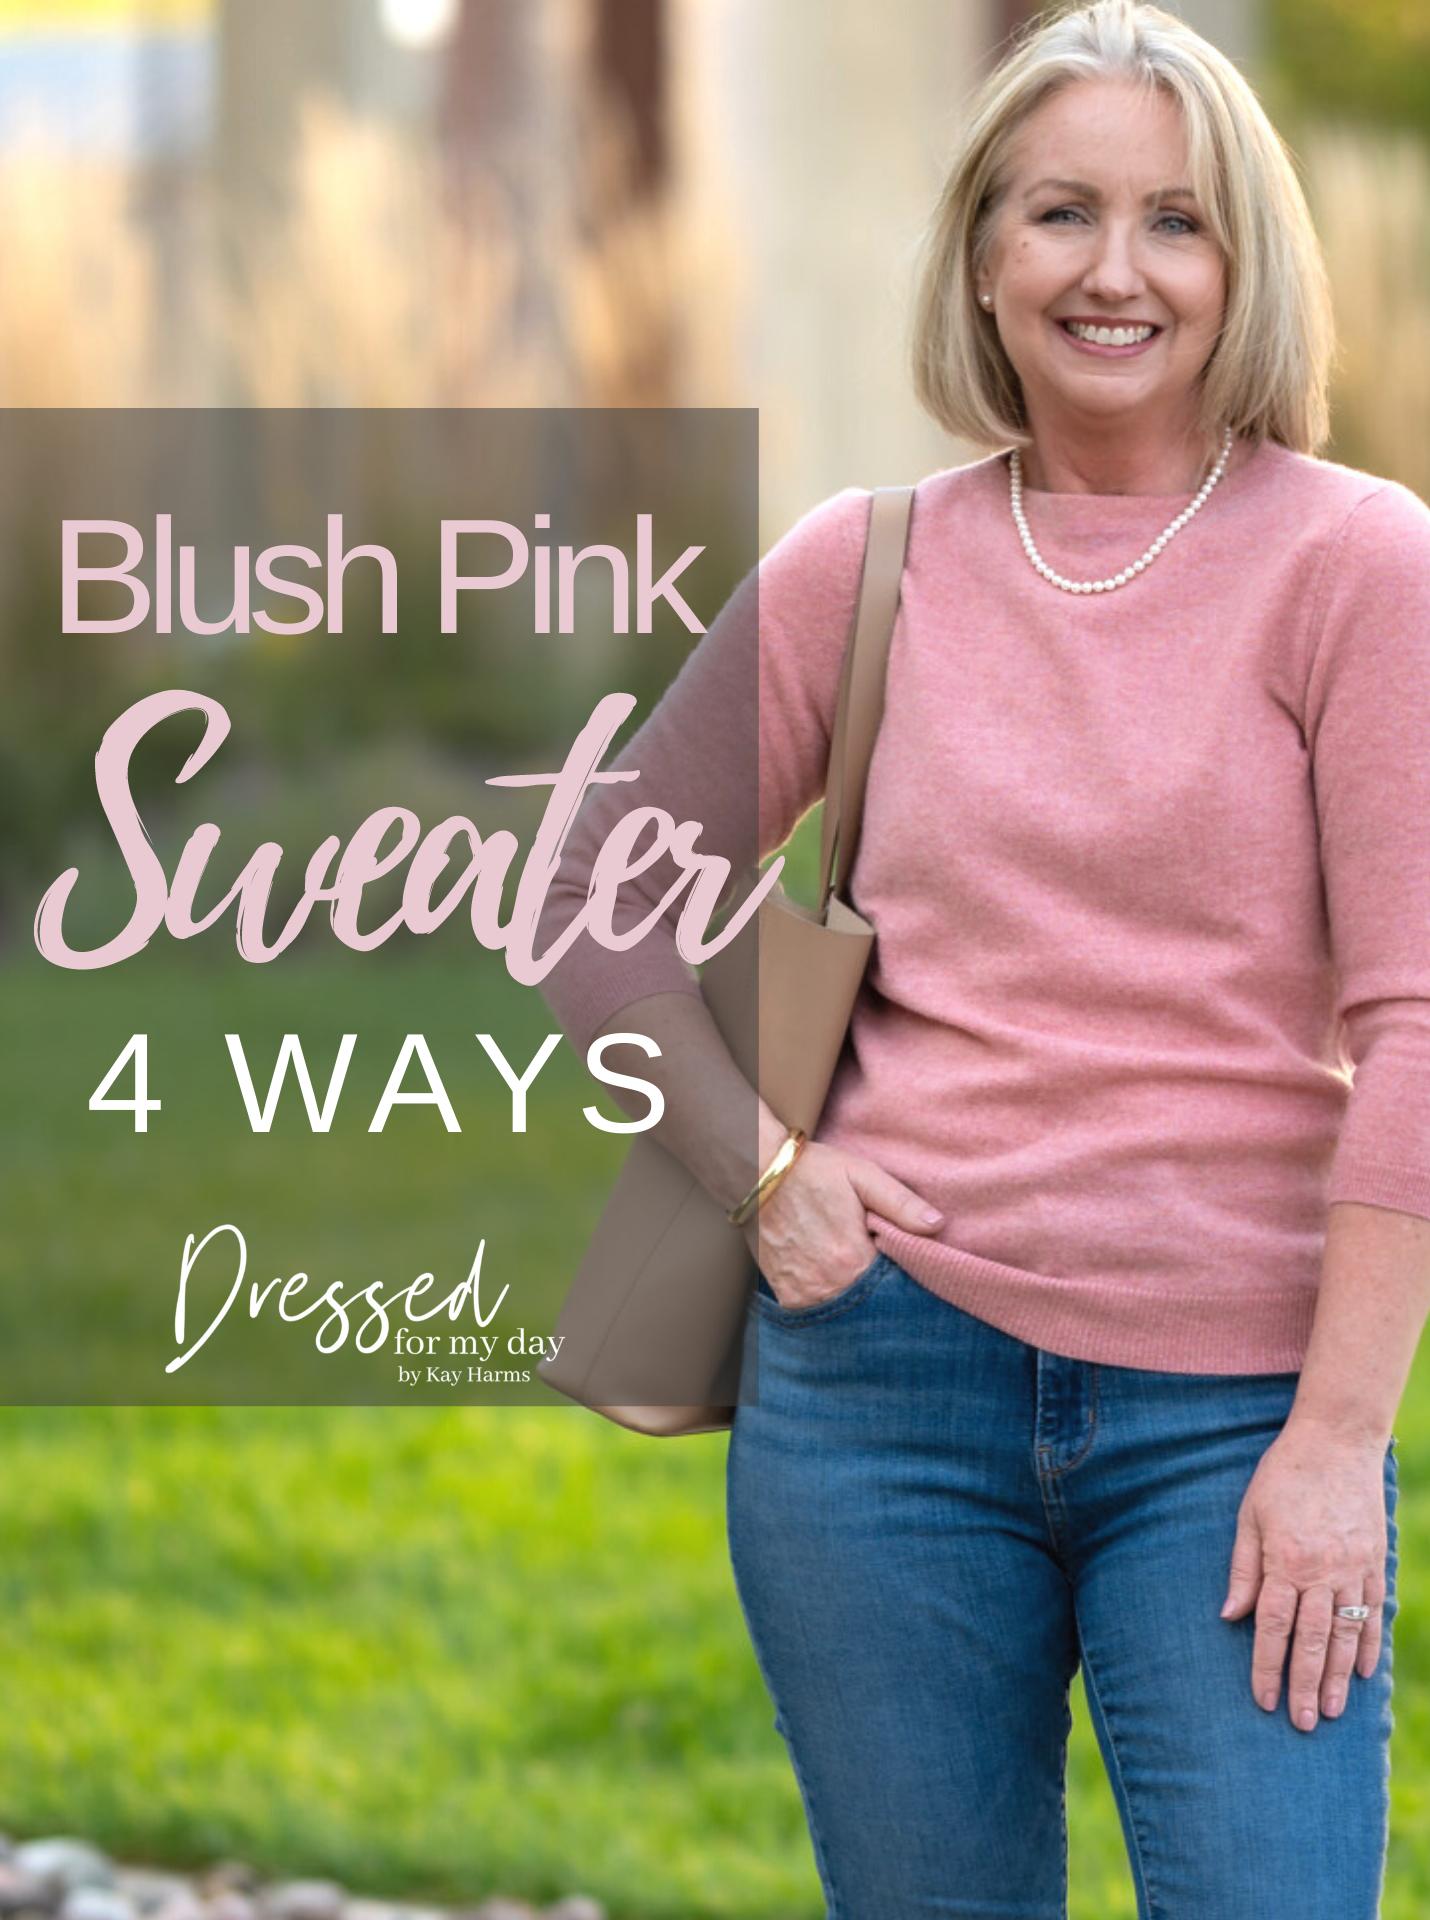 Blush Pink Sweater 4 Ways